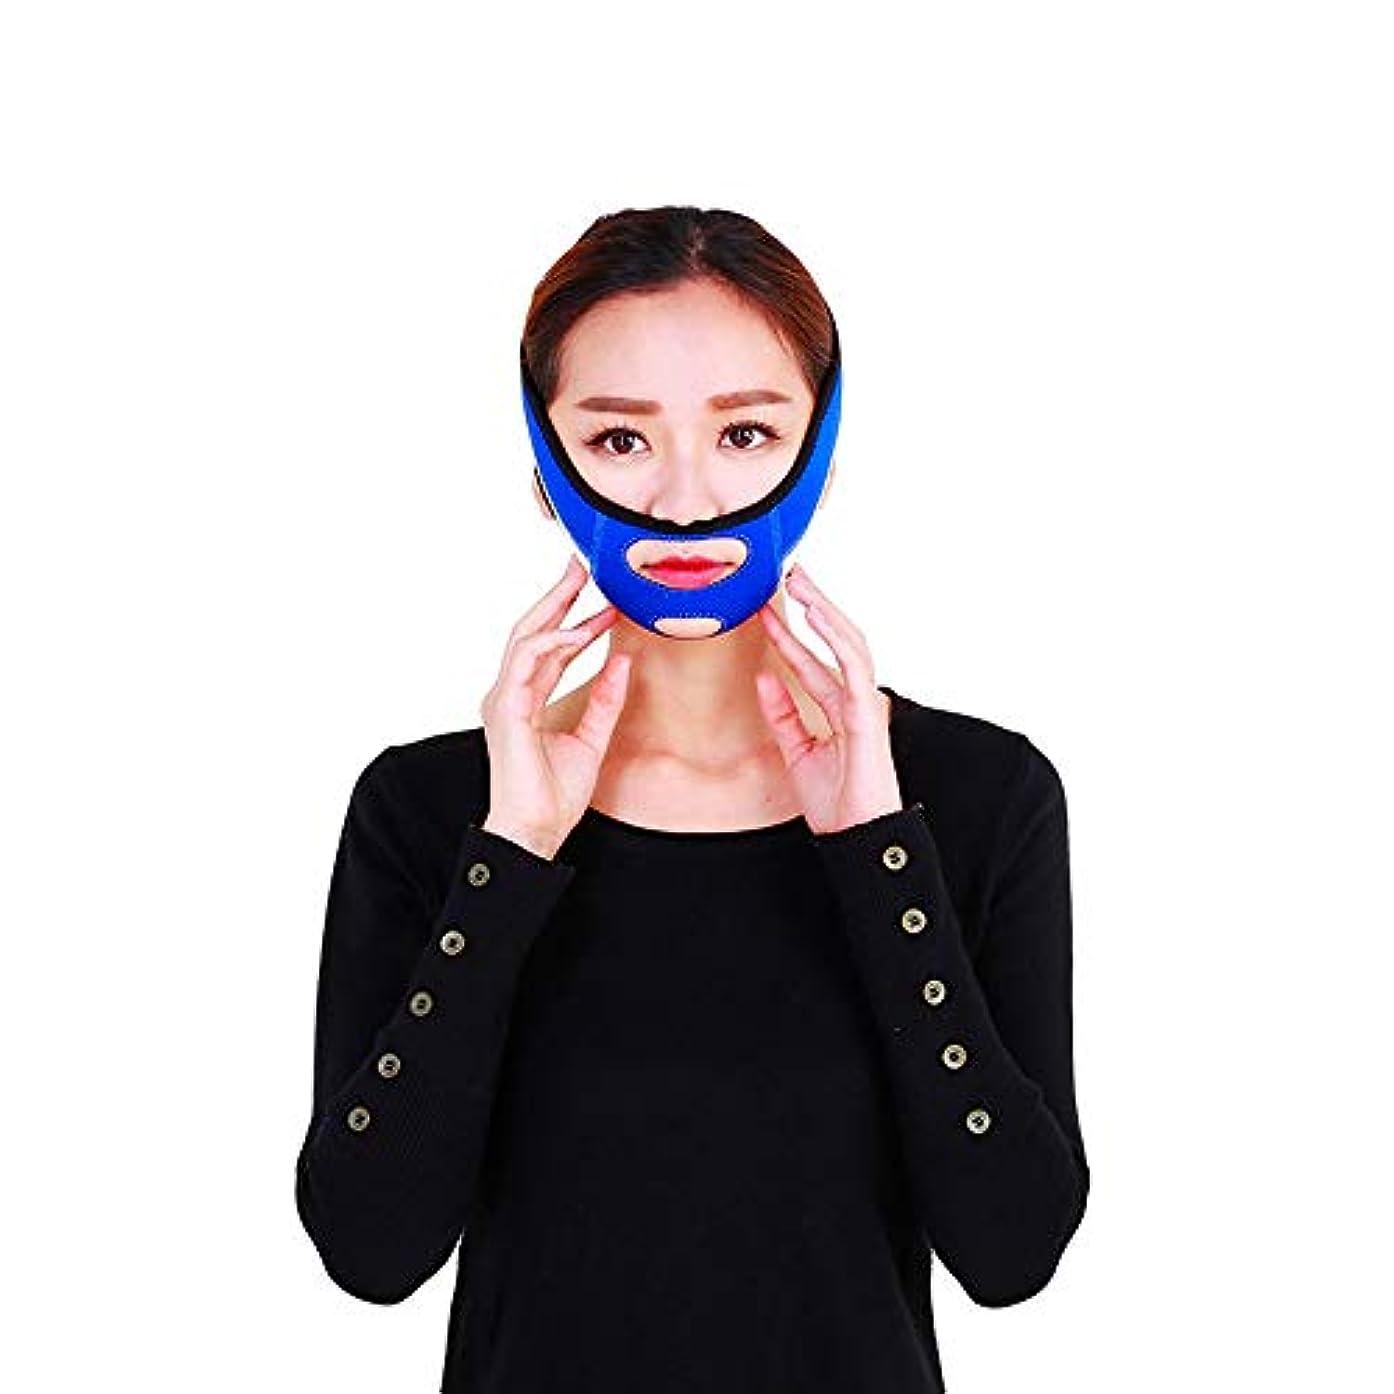 創造マイナー履歴書GYZ フェイシャルリフティング痩身ベルトフェーススリム二重あごを取り除くアンチエイジングリンクルフェイス包帯マスク整形マスクが顔を引き締める Thin Face Belt